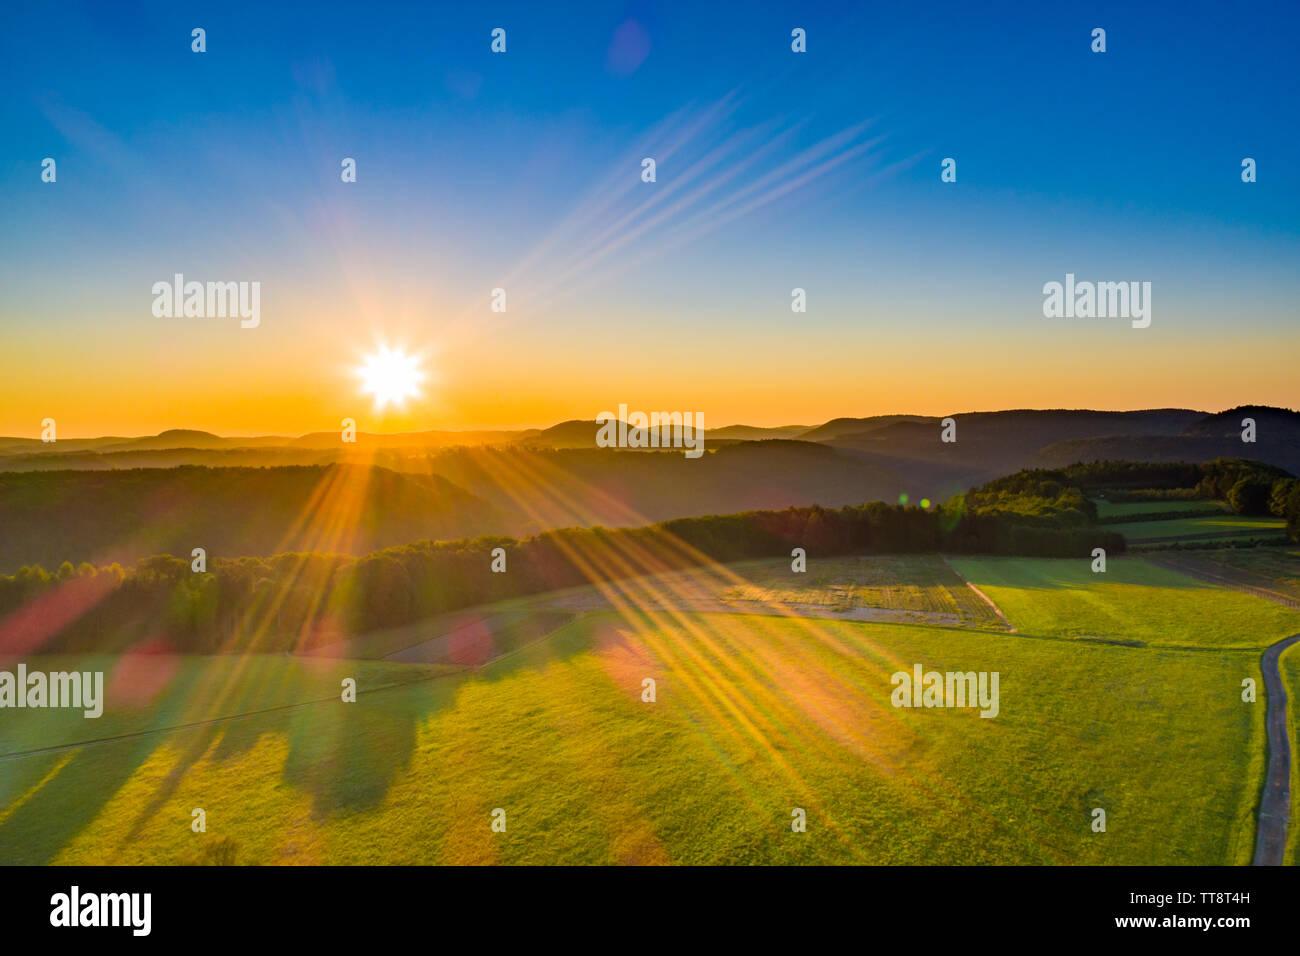 Sunrise - Stock Image